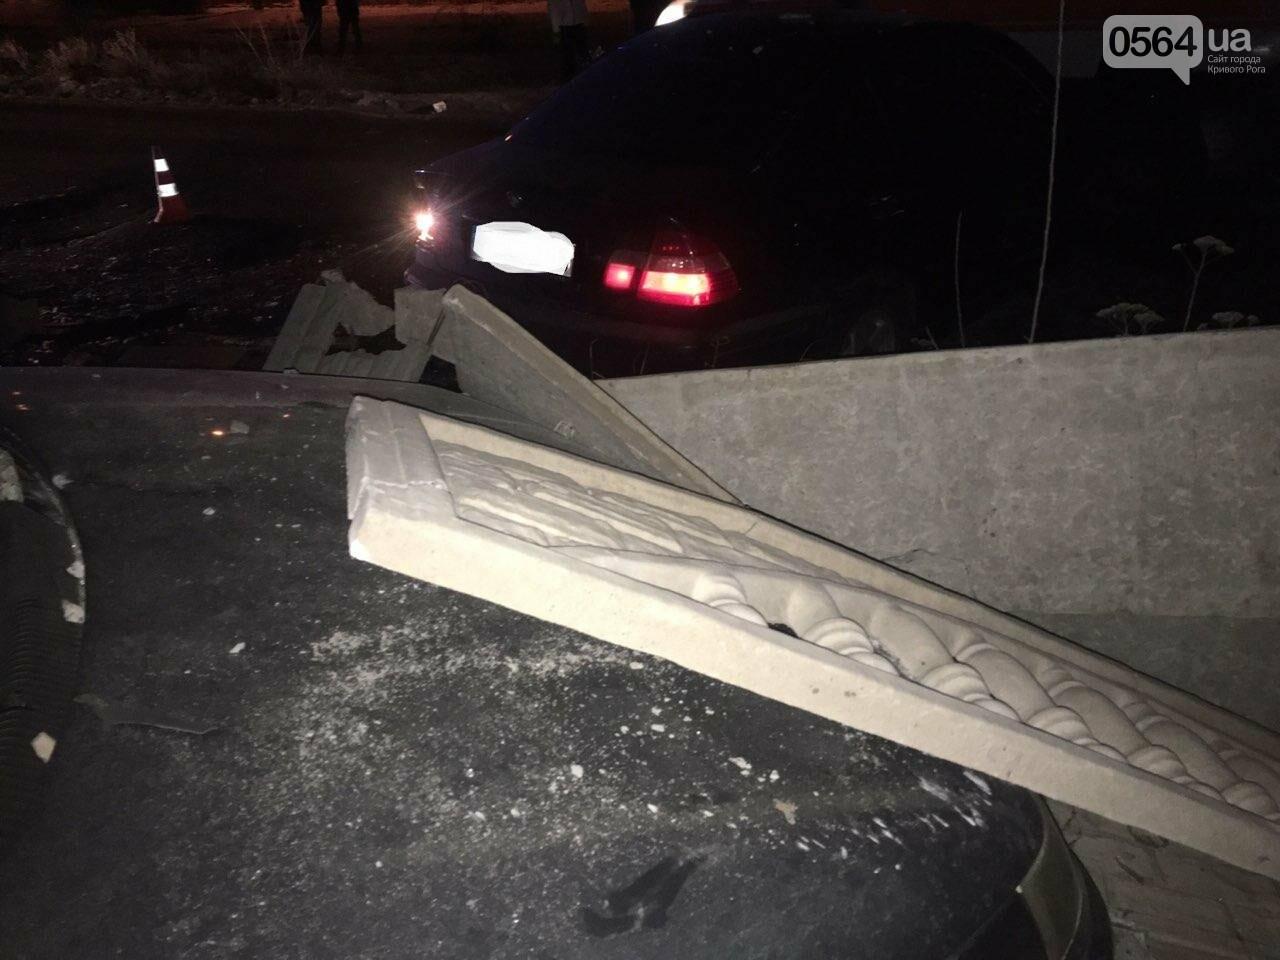 """В Кривом Роге """"BMW"""" снес забор стоянки: повреждено около 10 машин, есть пострадавший, - ФОТО , фото-12"""